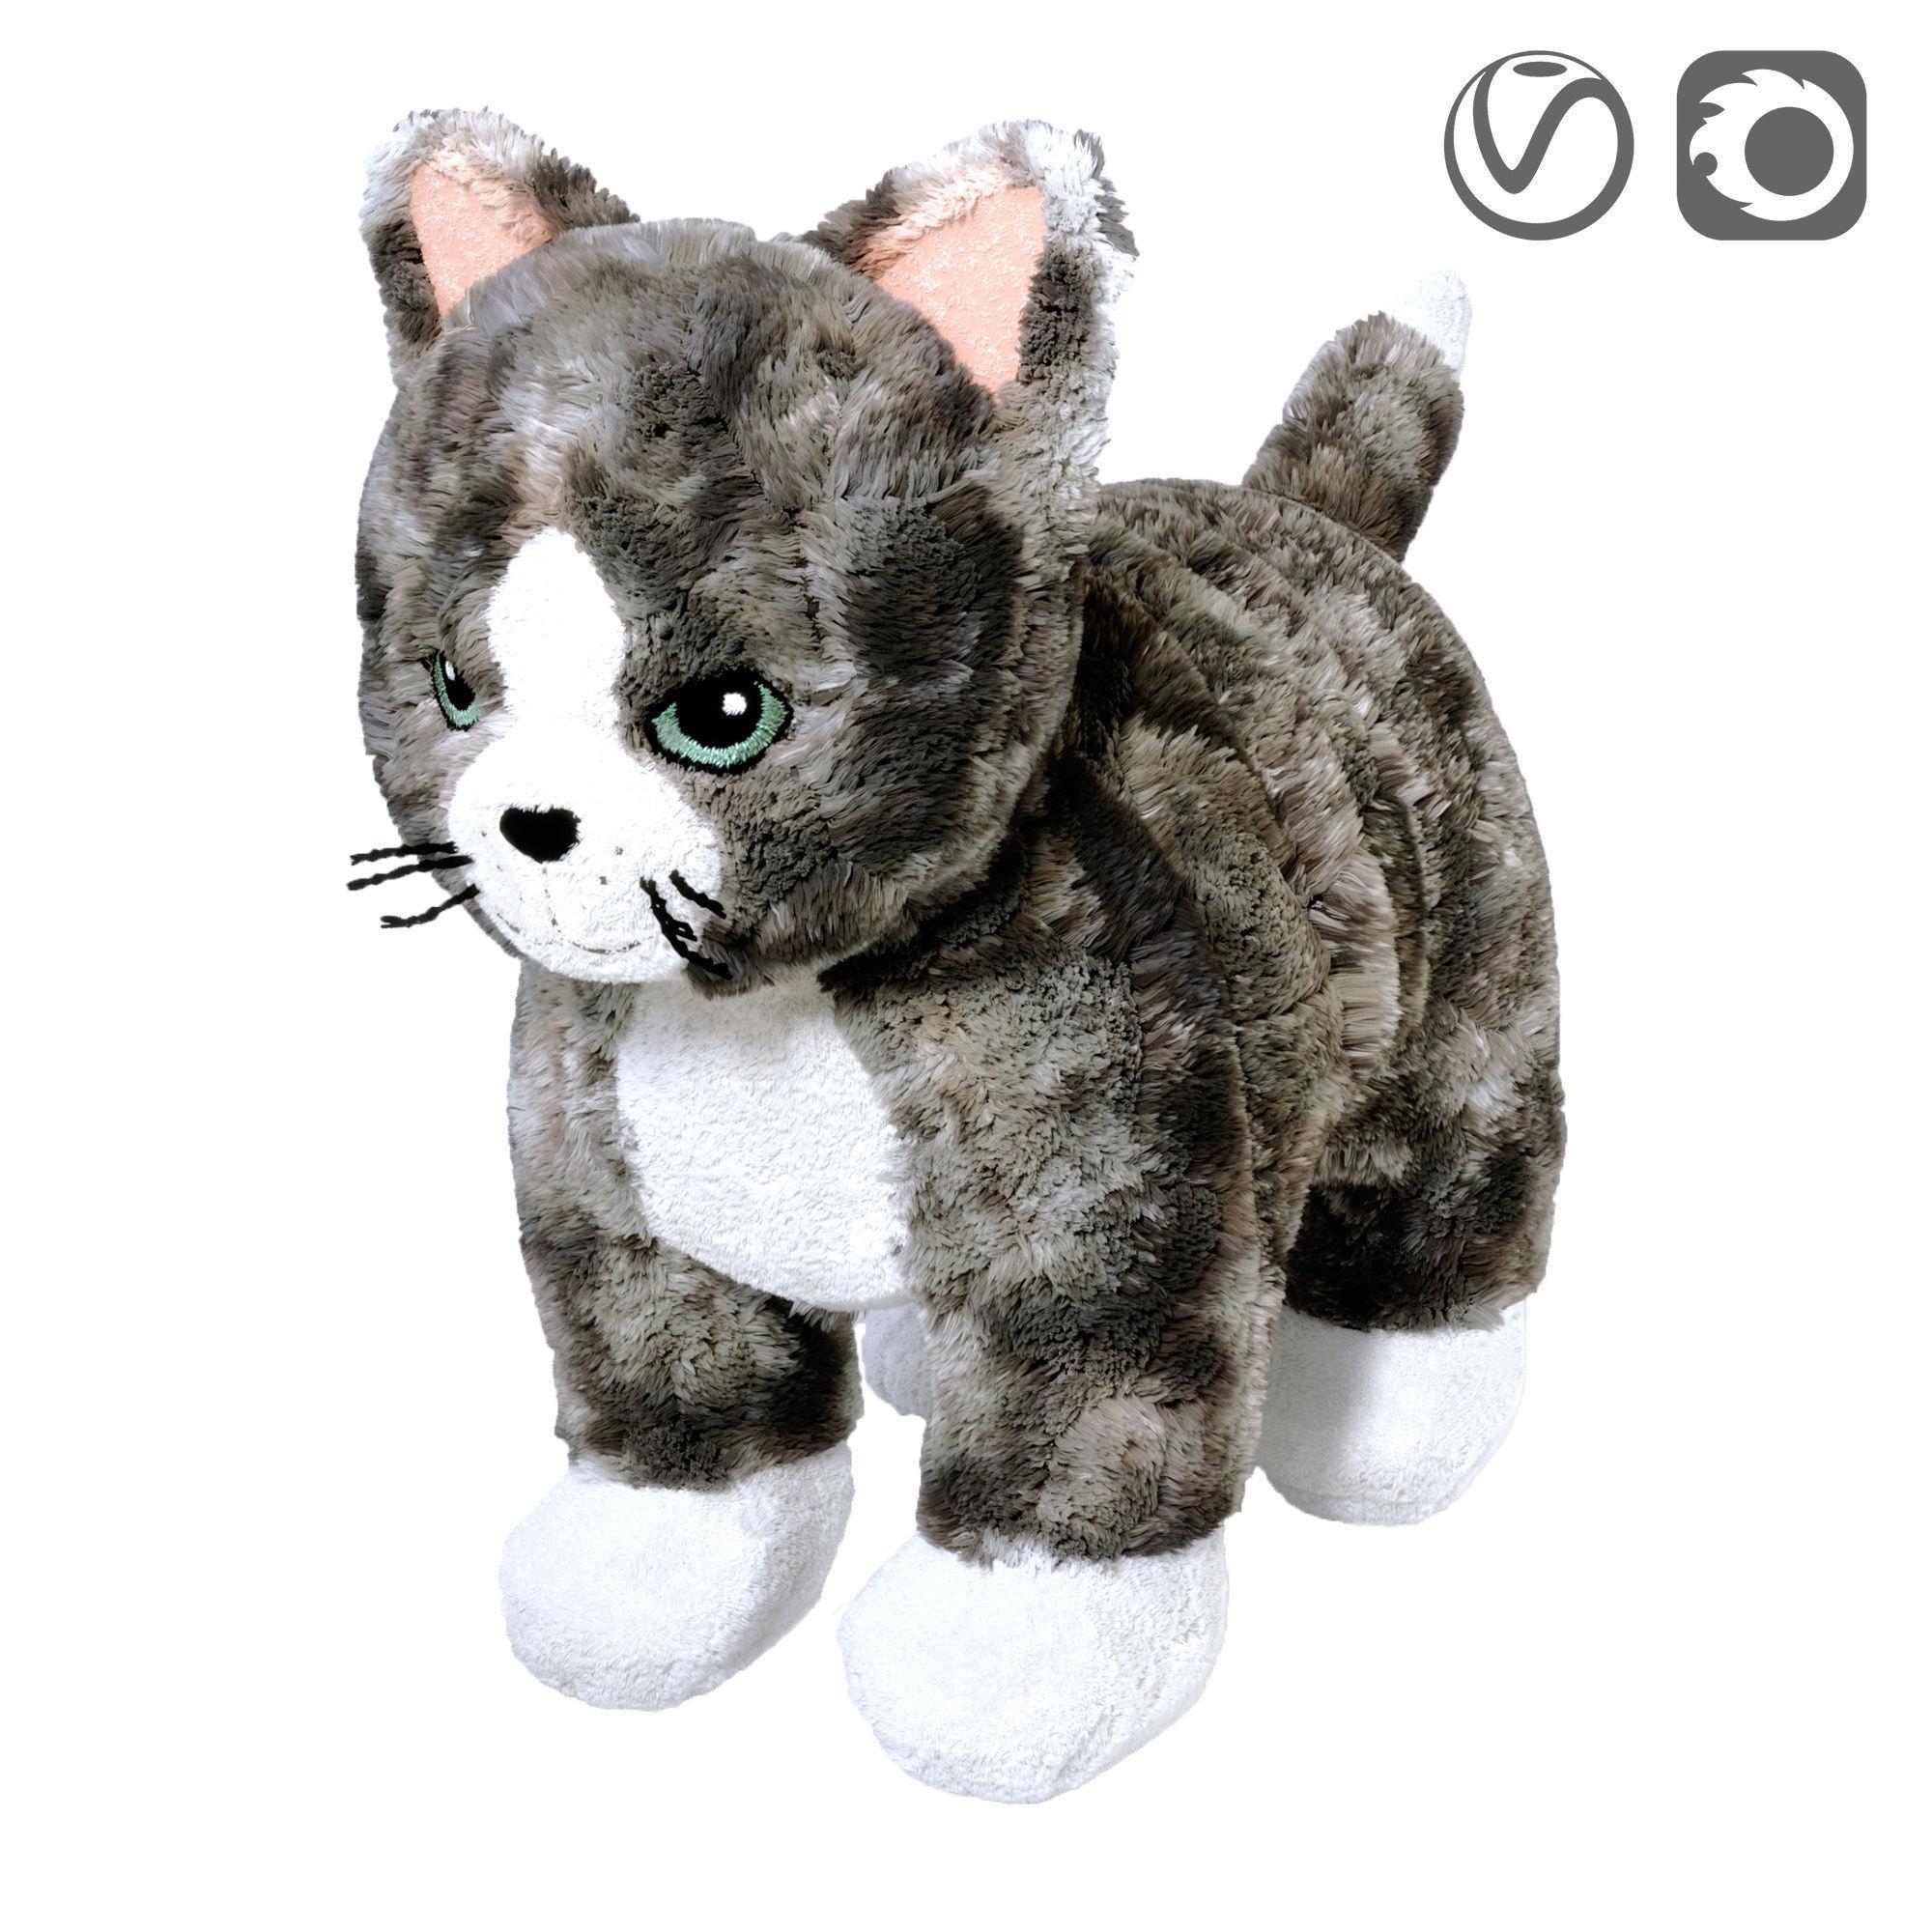 LILLEPLUTT Soft toy cat